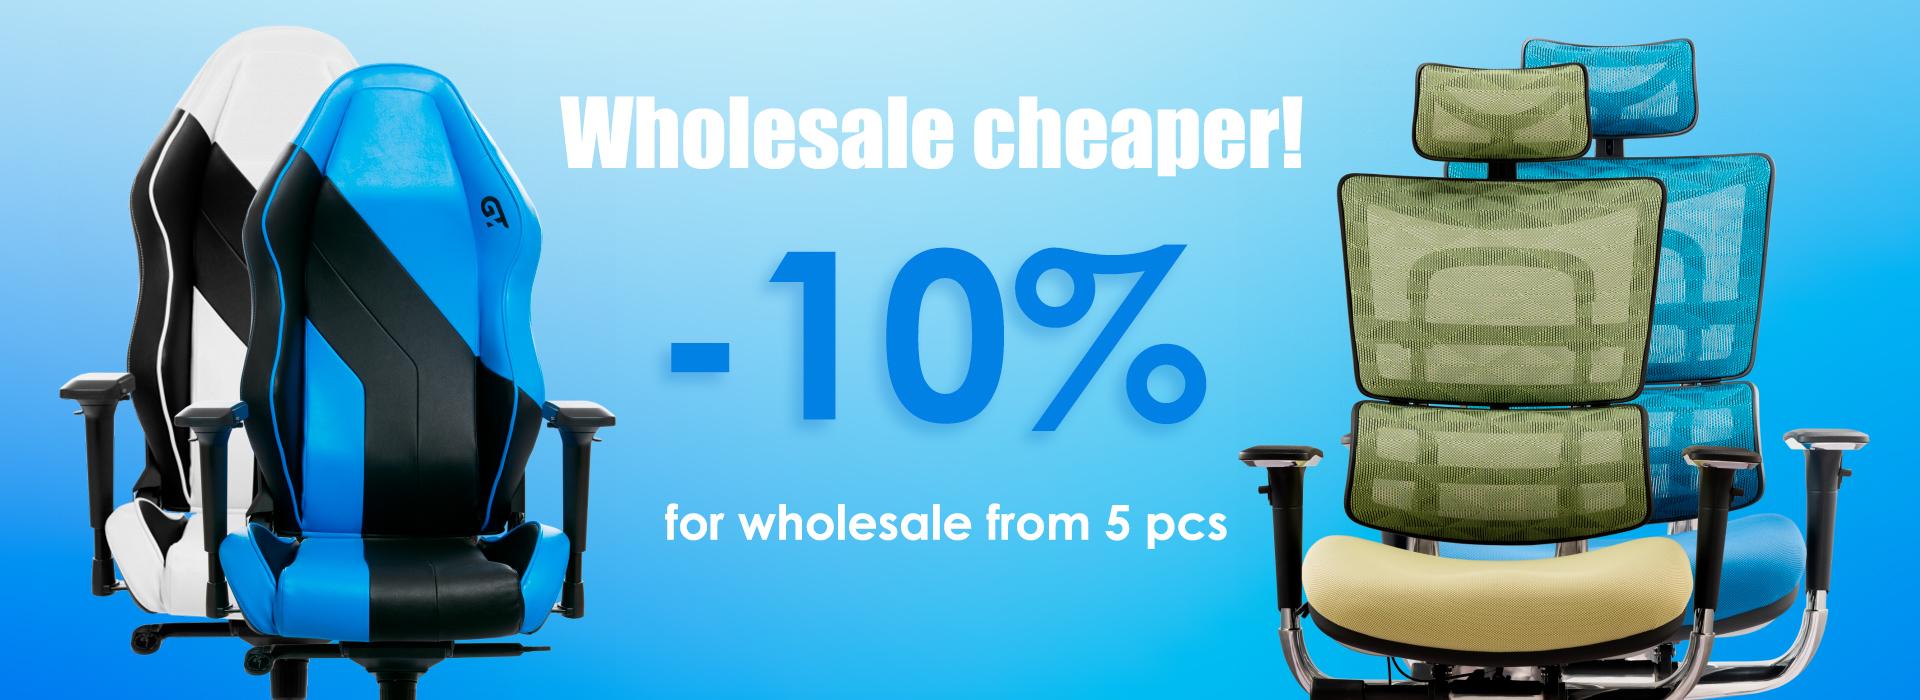 Stock! Wholesale cheaper!